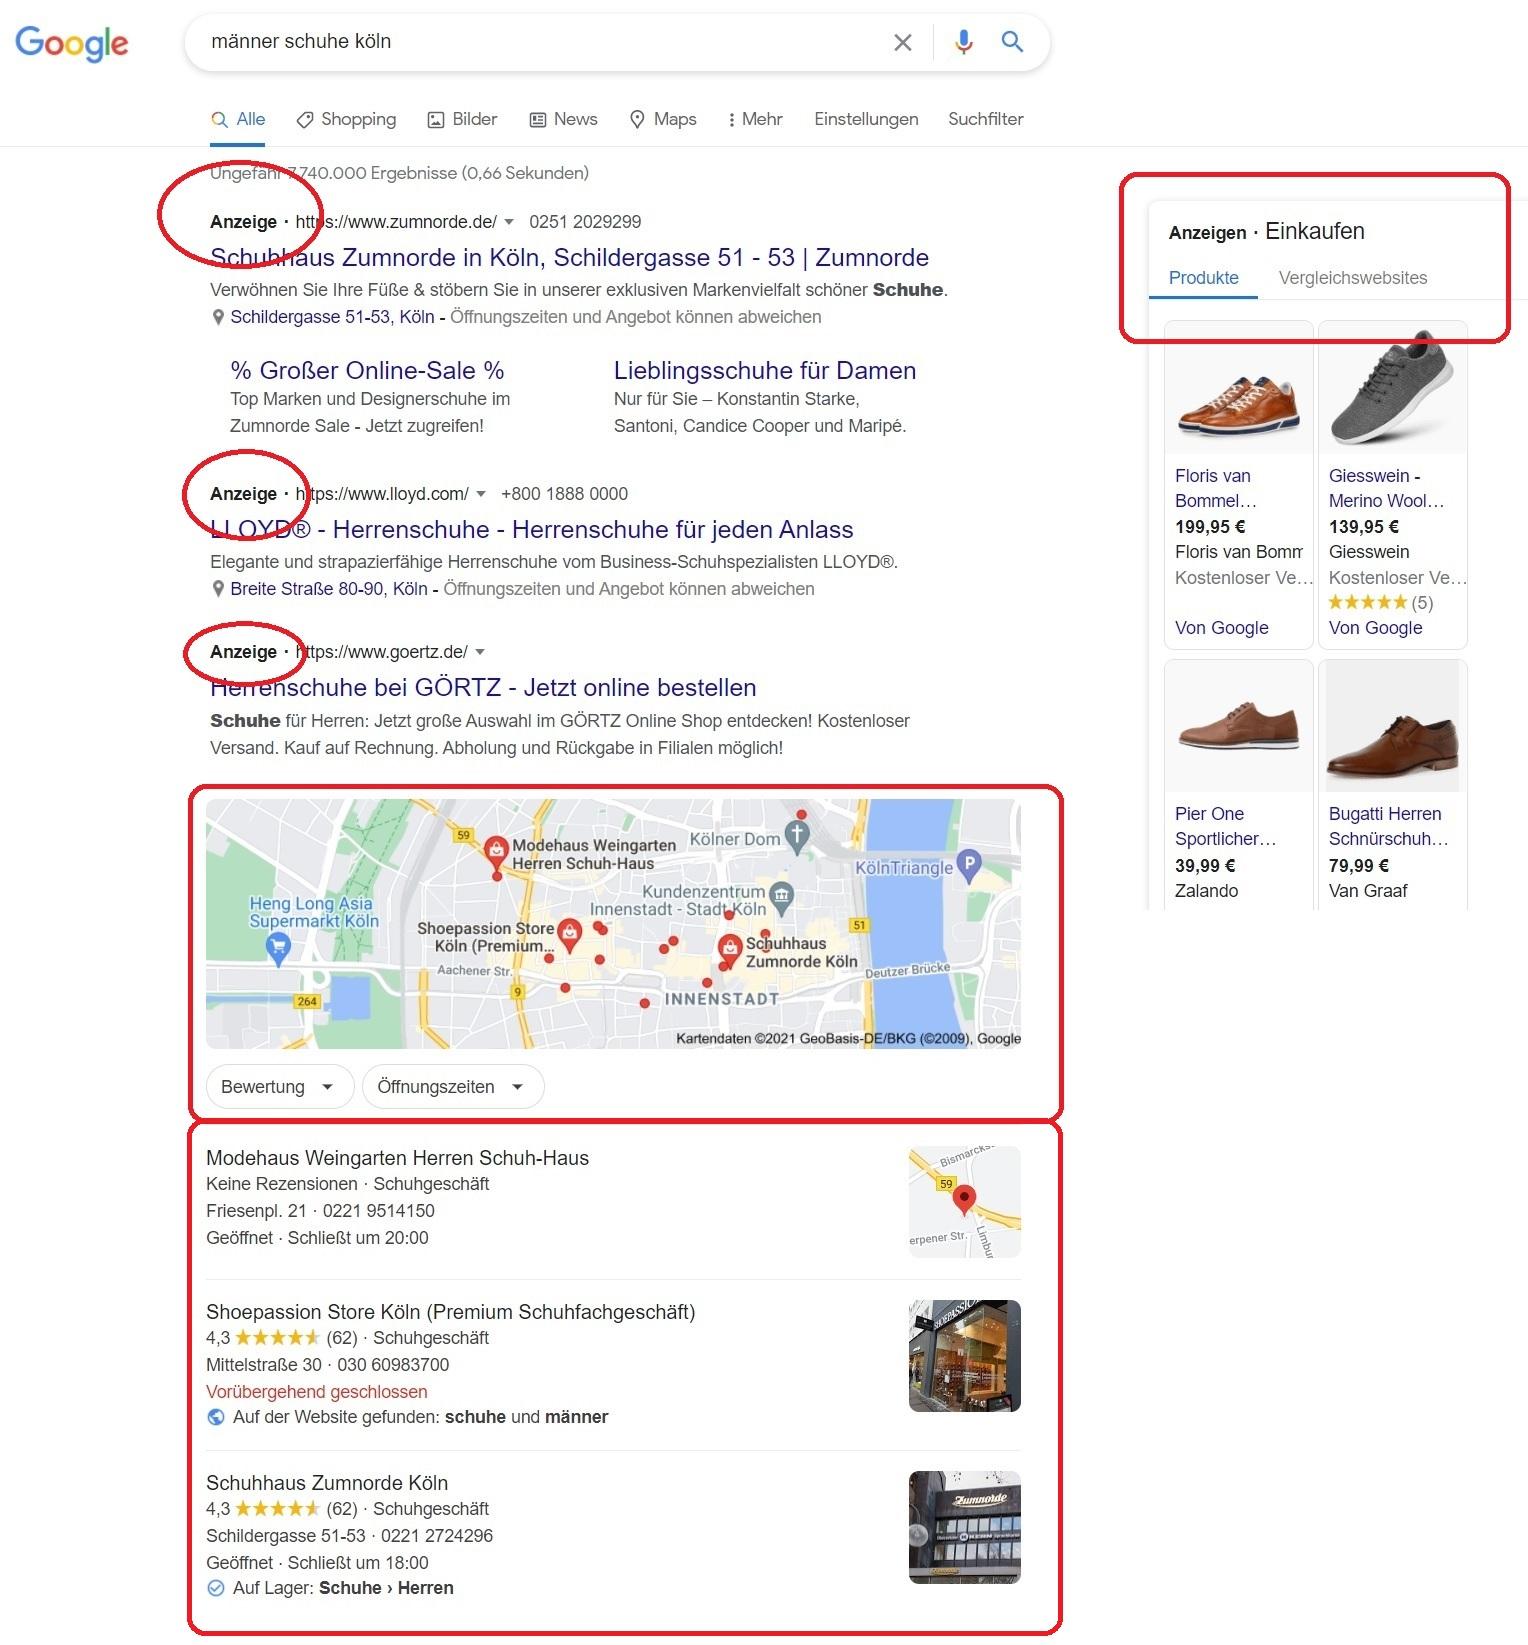 SEA-Anzeigen von Google